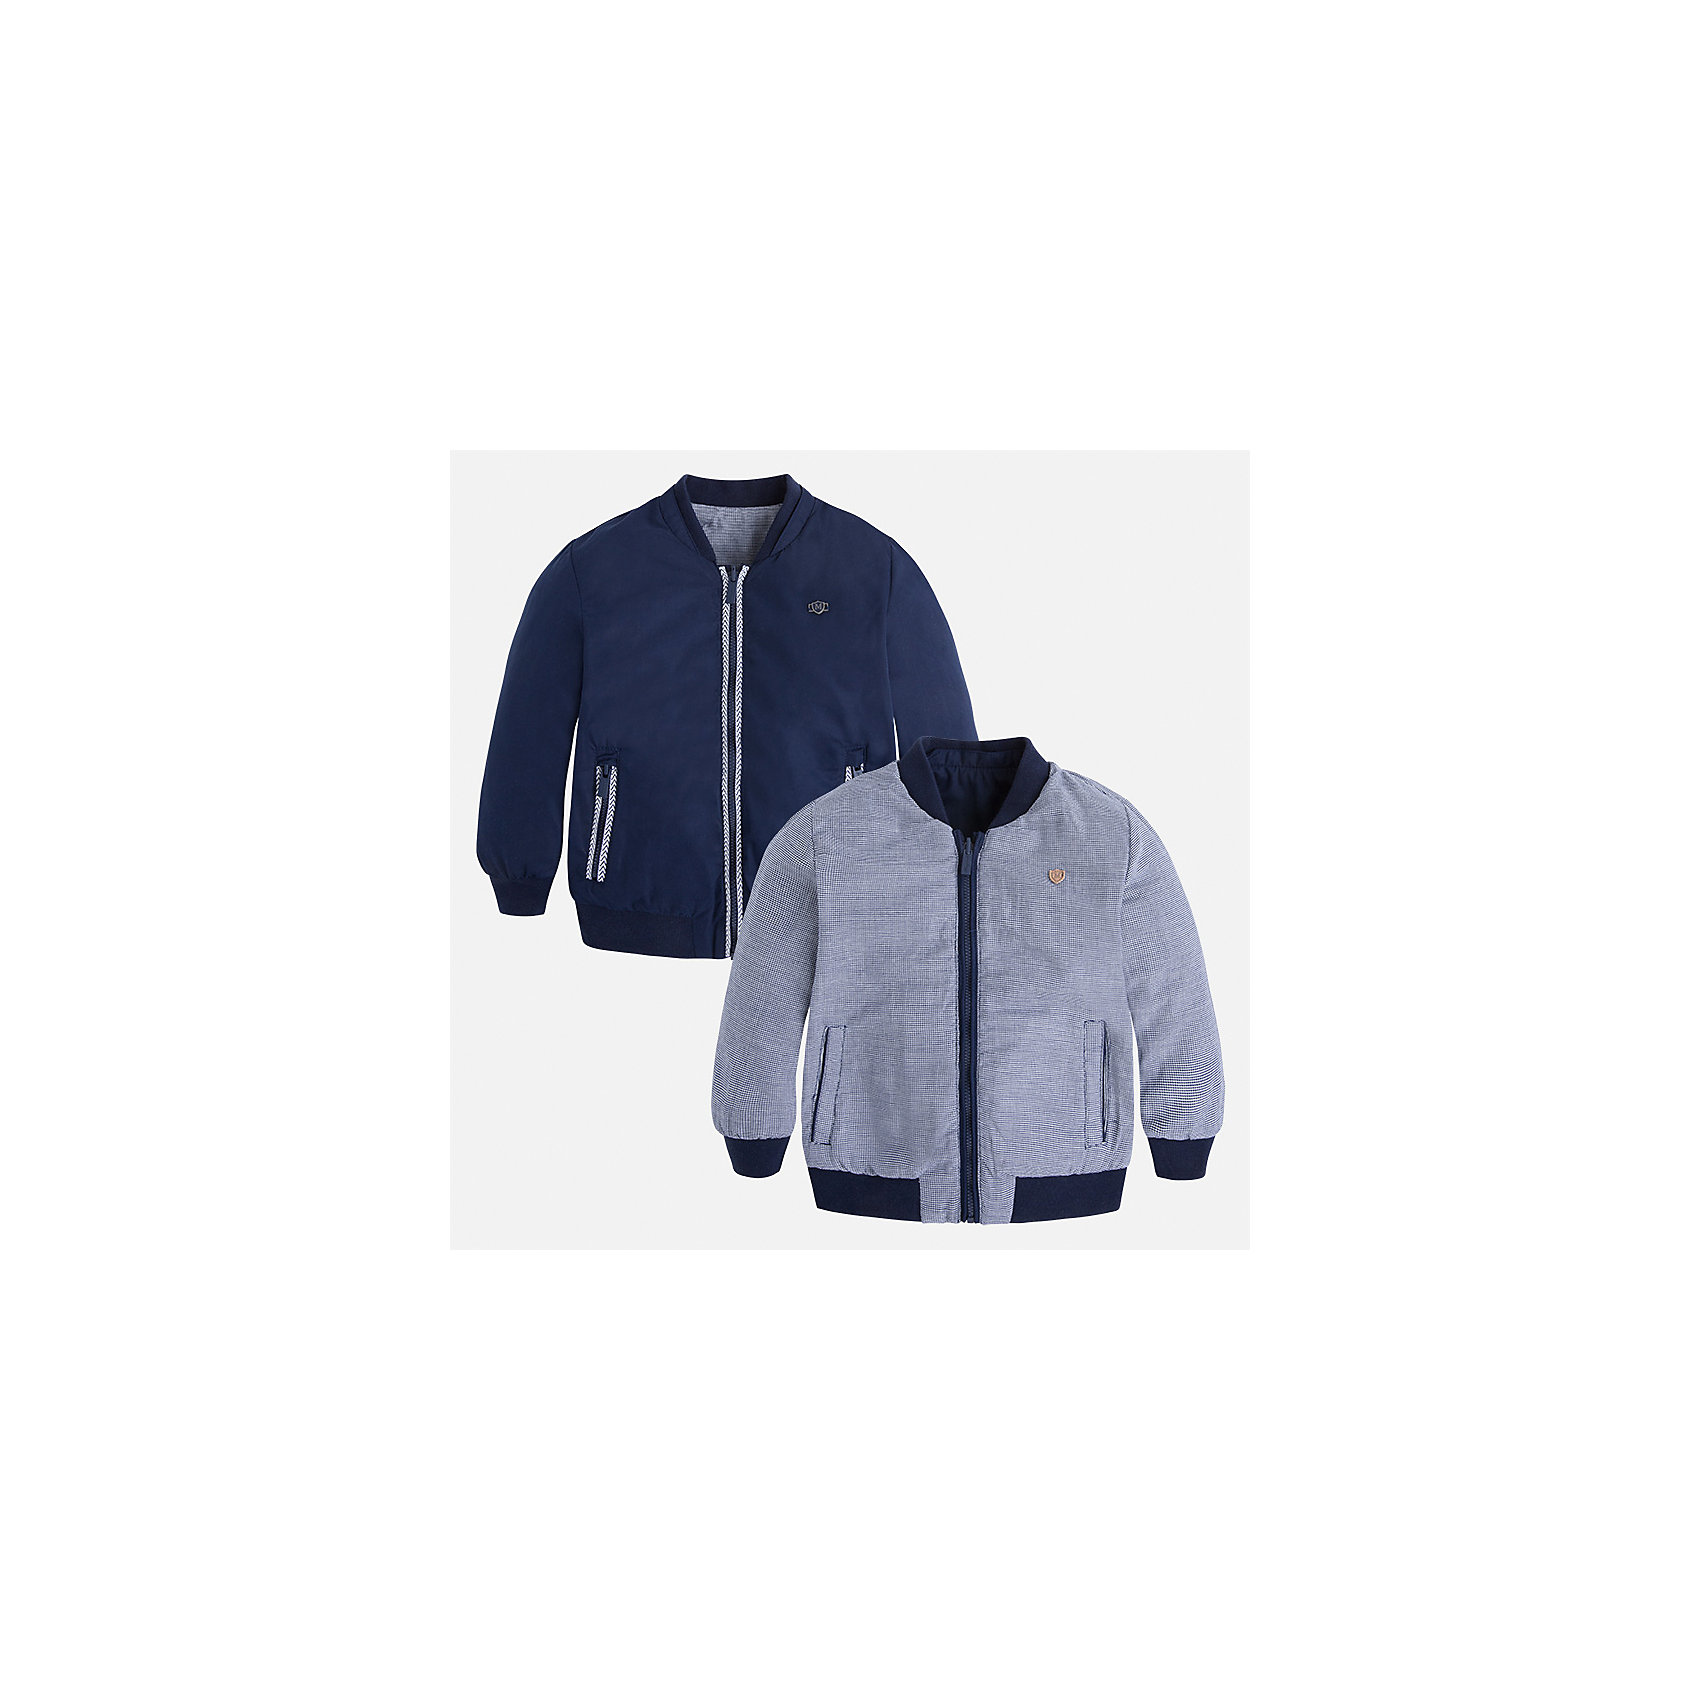 Ветровка двухсторонняя для мальчика MayoralВерхняя одежда<br>Характеристики товара:<br><br>• цвет: синий/серый<br>• состав: 100% полиэстер, подкладка - 100% хлопок<br>• температурный режим: от +20° до +10°С<br>• двусторонняя<br>• карманы<br>• молния<br>• манжеты<br>• страна бренда: Испания<br><br>Легкая куртка для мальчика поможет разнообразить гардероб ребенка и обеспечить тепло в прохладную погоду. Эта ветровка - два в одном: стоит её вывернуть - и появляется еще одна курточка другой расцветки. Она отлично сочетается и с джинсами, и с брюками. Универсальный цвет позволяет подобрать к вещи низ различных расцветок. Интересная отделка модели делает её нарядной и оригинальной. <br><br>Одежда, обувь и аксессуары от испанского бренда Mayoral полюбились детям и взрослым по всему миру. Модели этой марки - стильные и удобные. Для их производства используются только безопасные, качественные материалы и фурнитура. Порадуйте ребенка модными и красивыми вещами от Mayoral! <br><br>Ветровку для мальчика от испанского бренда Mayoral (Майорал) можно купить в нашем интернет-магазине.<br><br>Ширина мм: 356<br>Глубина мм: 10<br>Высота мм: 245<br>Вес г: 519<br>Цвет: синий<br>Возраст от месяцев: 84<br>Возраст до месяцев: 96<br>Пол: Мужской<br>Возраст: Детский<br>Размер: 128,134,116,104,92,122,98,110<br>SKU: 5280675